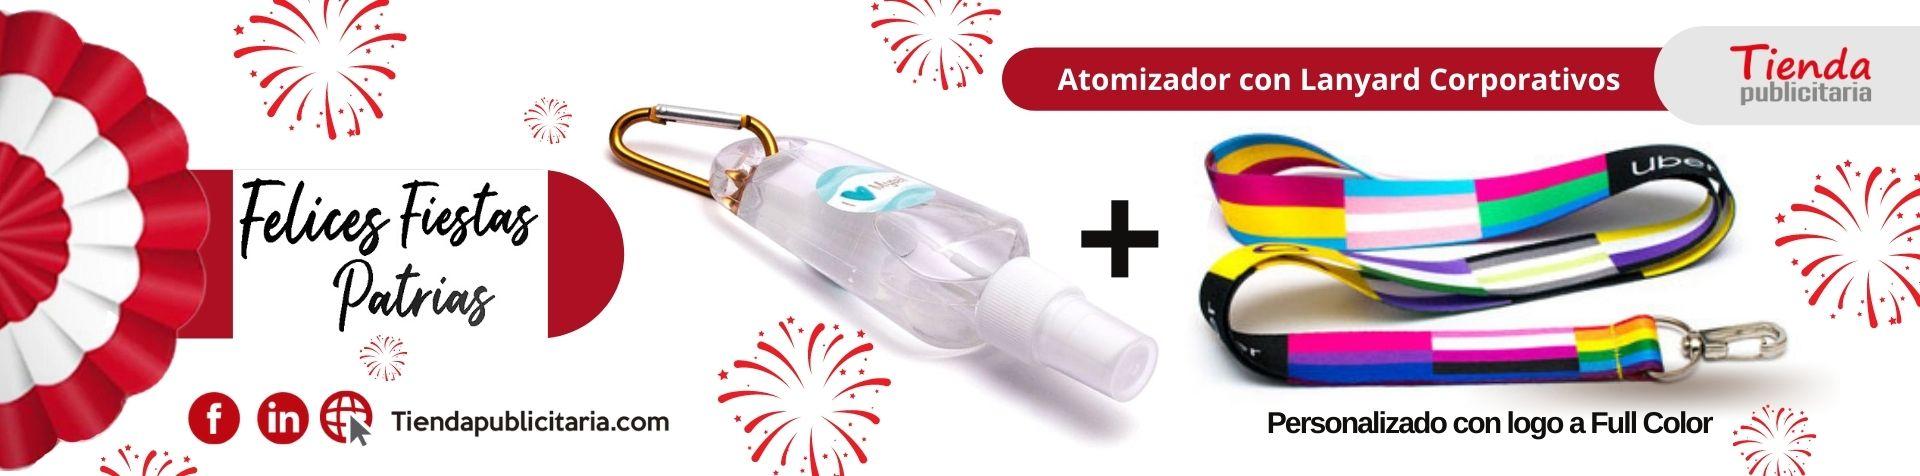 atomizador con lanyard